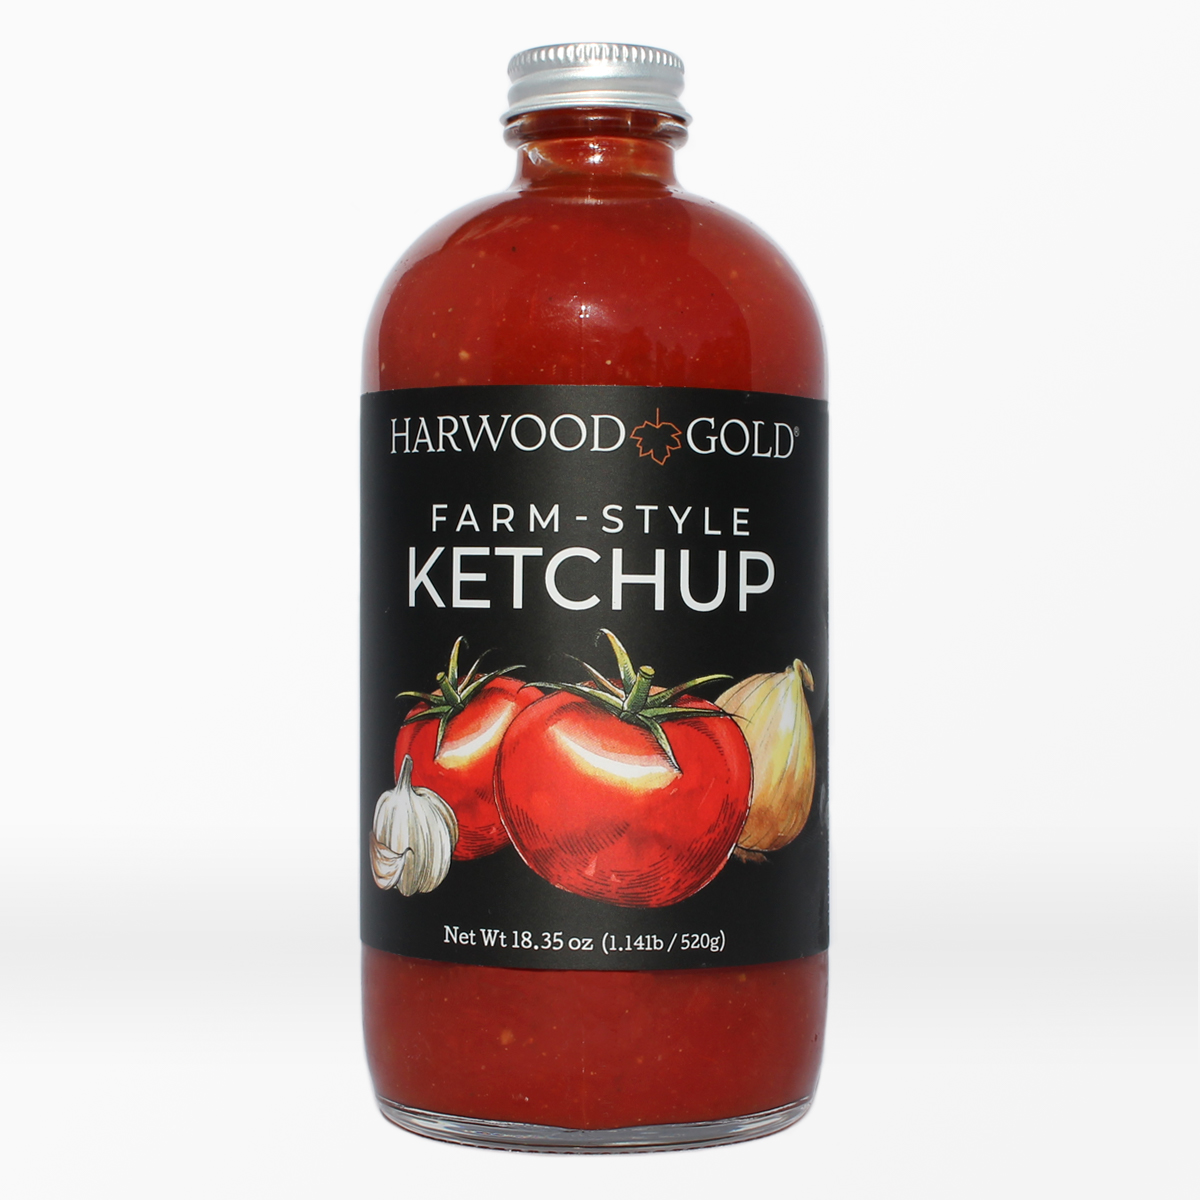 Harwood Gold Farm-Style Ketchup